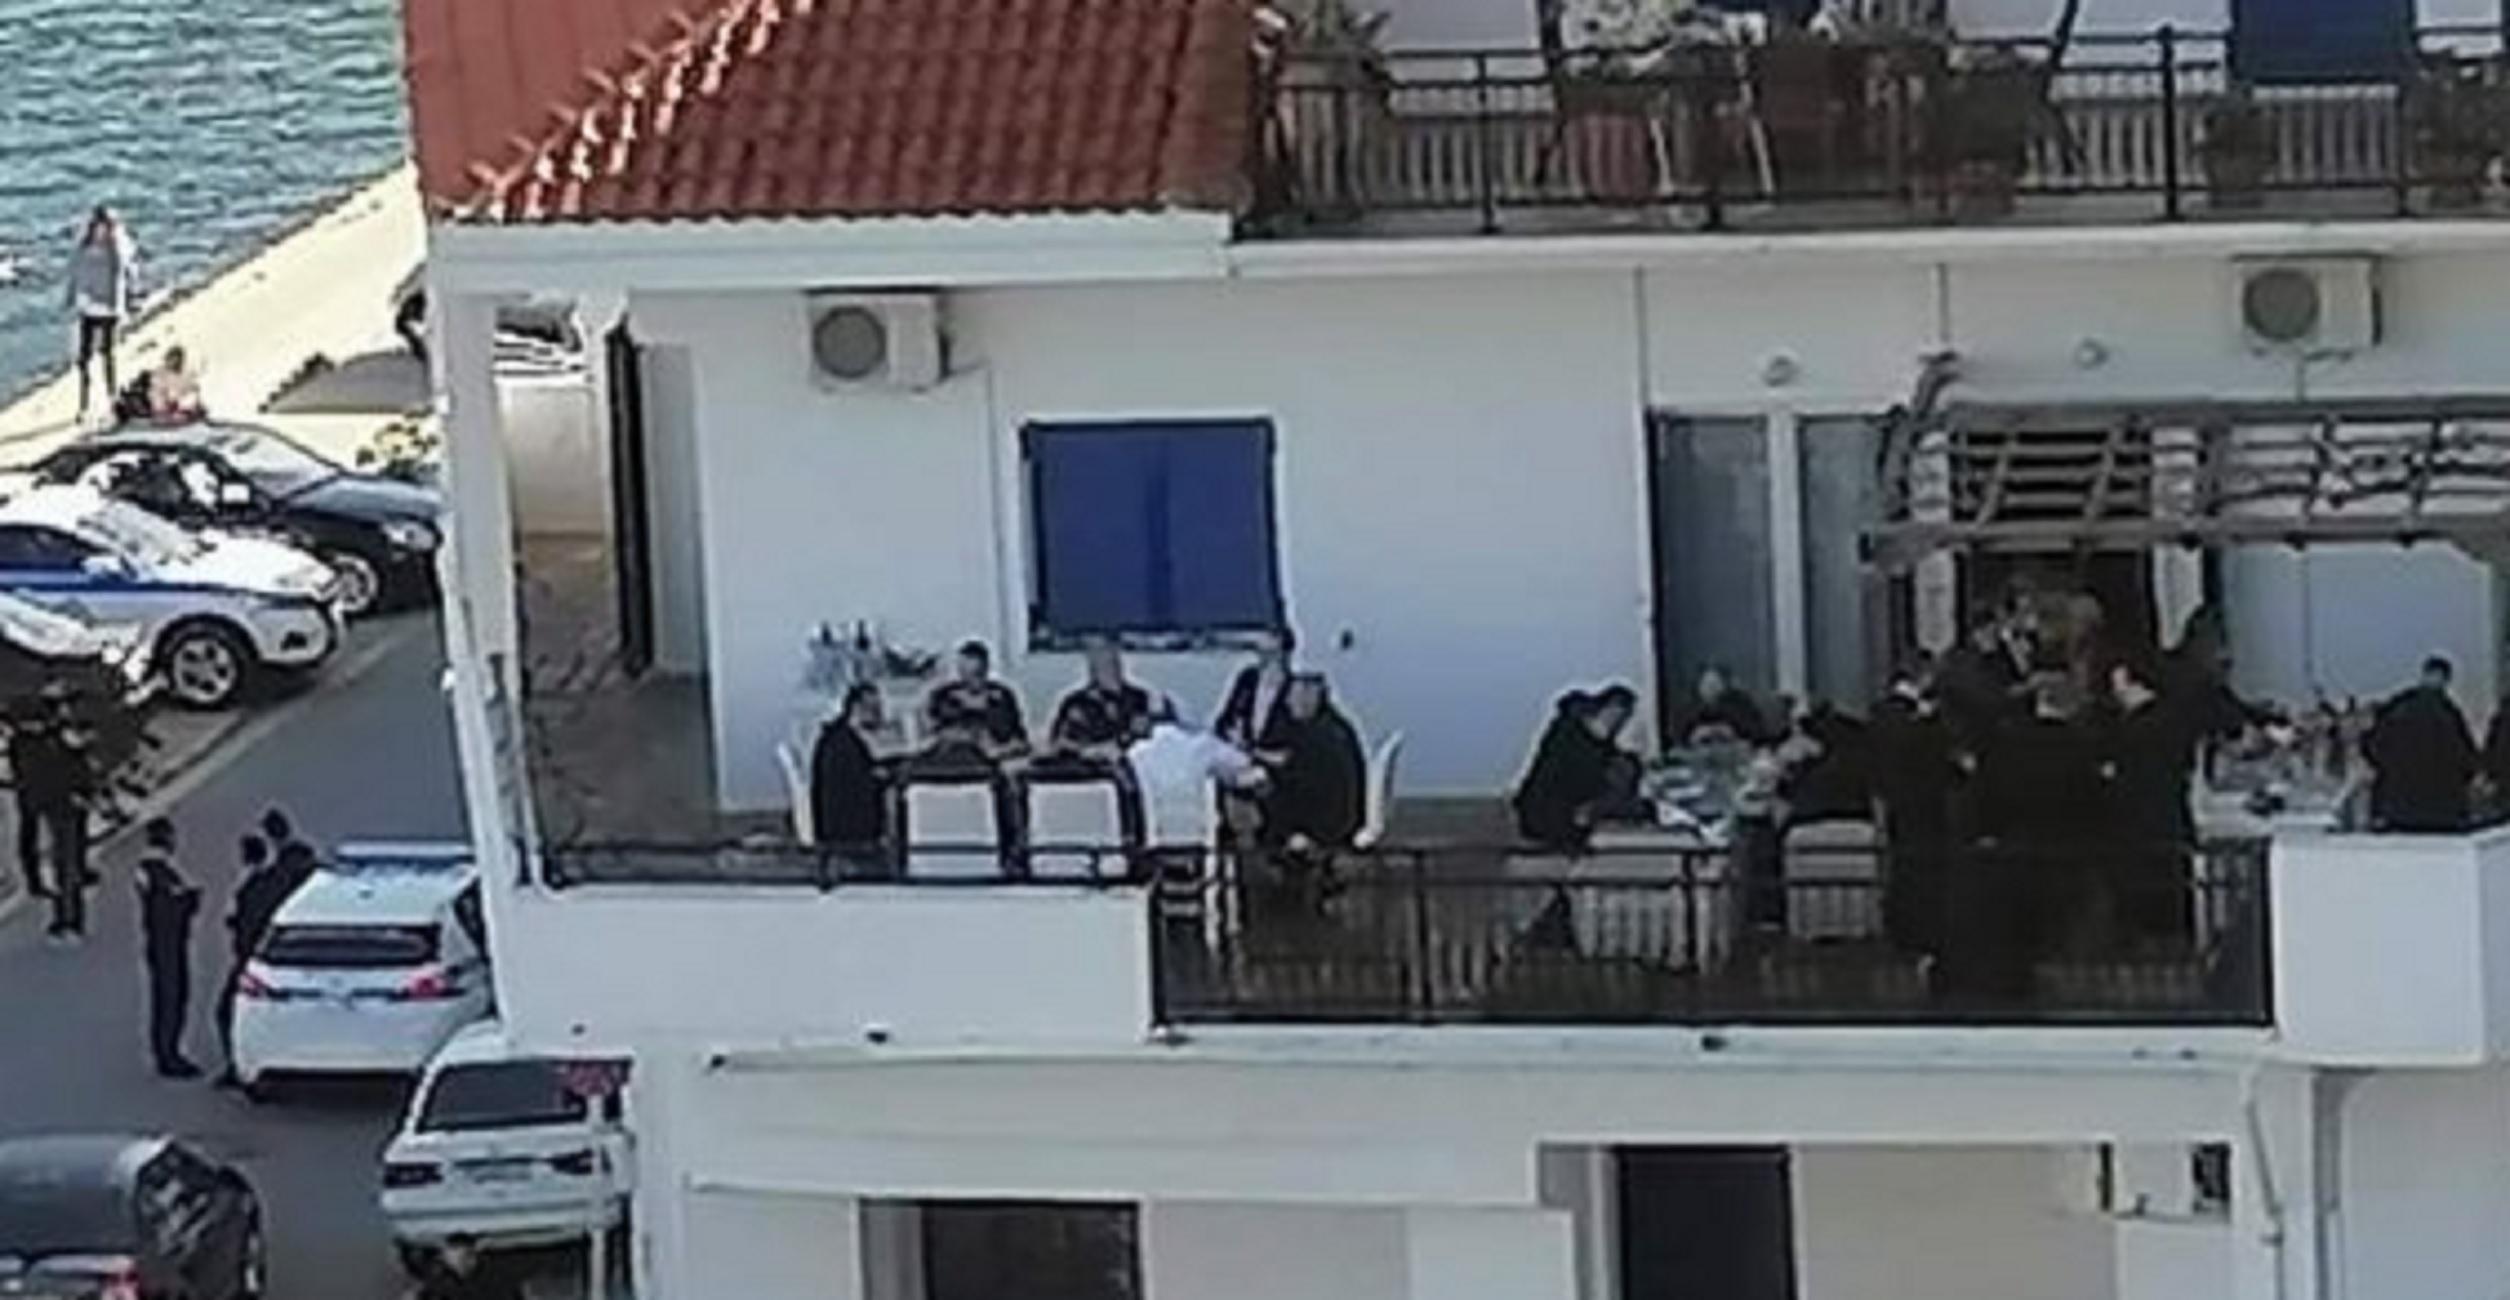 Ικαρία: Μηνύσεις για το γεύμα στον Κυριάκο Μητσοτάκη και τις εικόνες που εκτυλίχθηκαν στο σπίτι βουλευτή (pic)